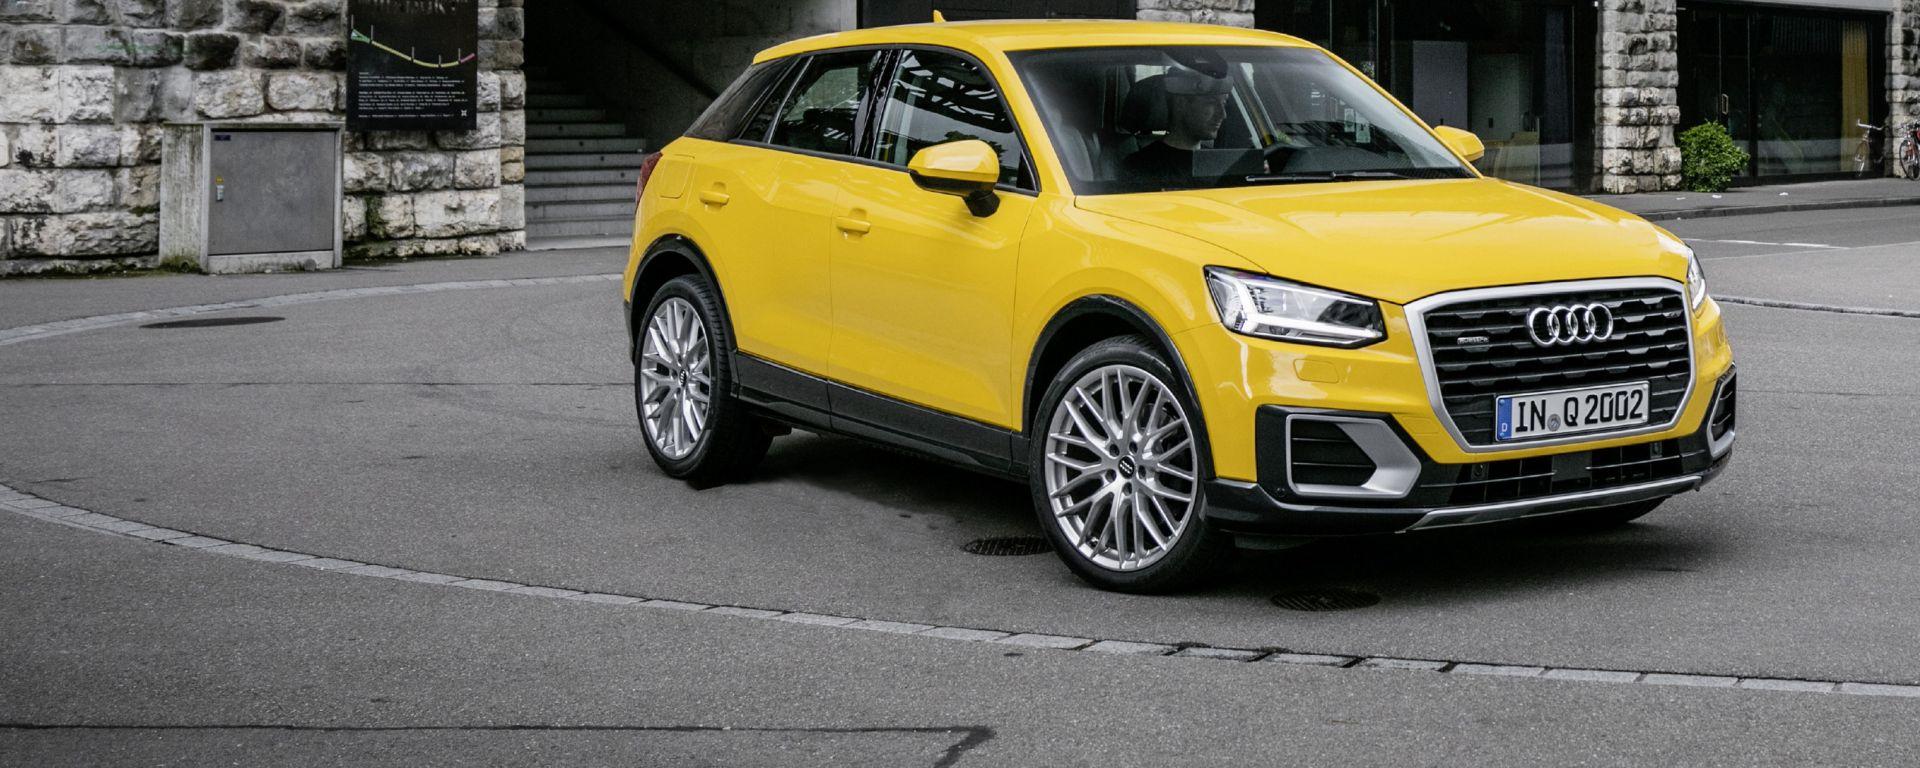 Audi Q2 Admired 2020